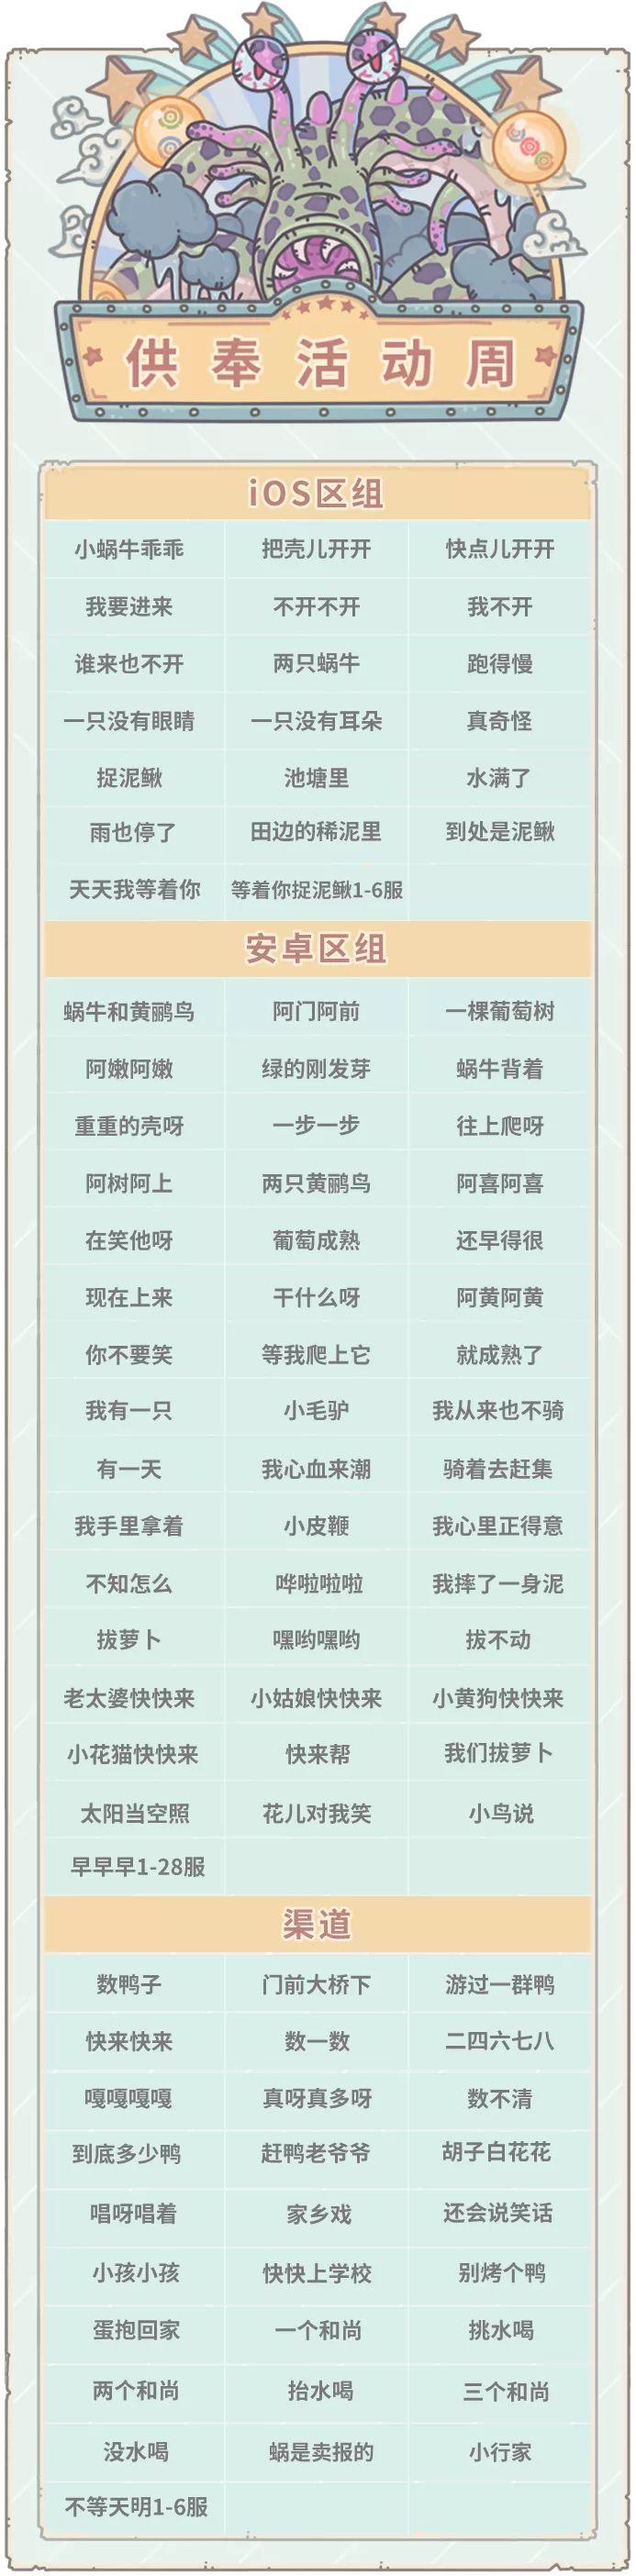 【活动轮换】10月1日活动预告,神坛秘仪开启!